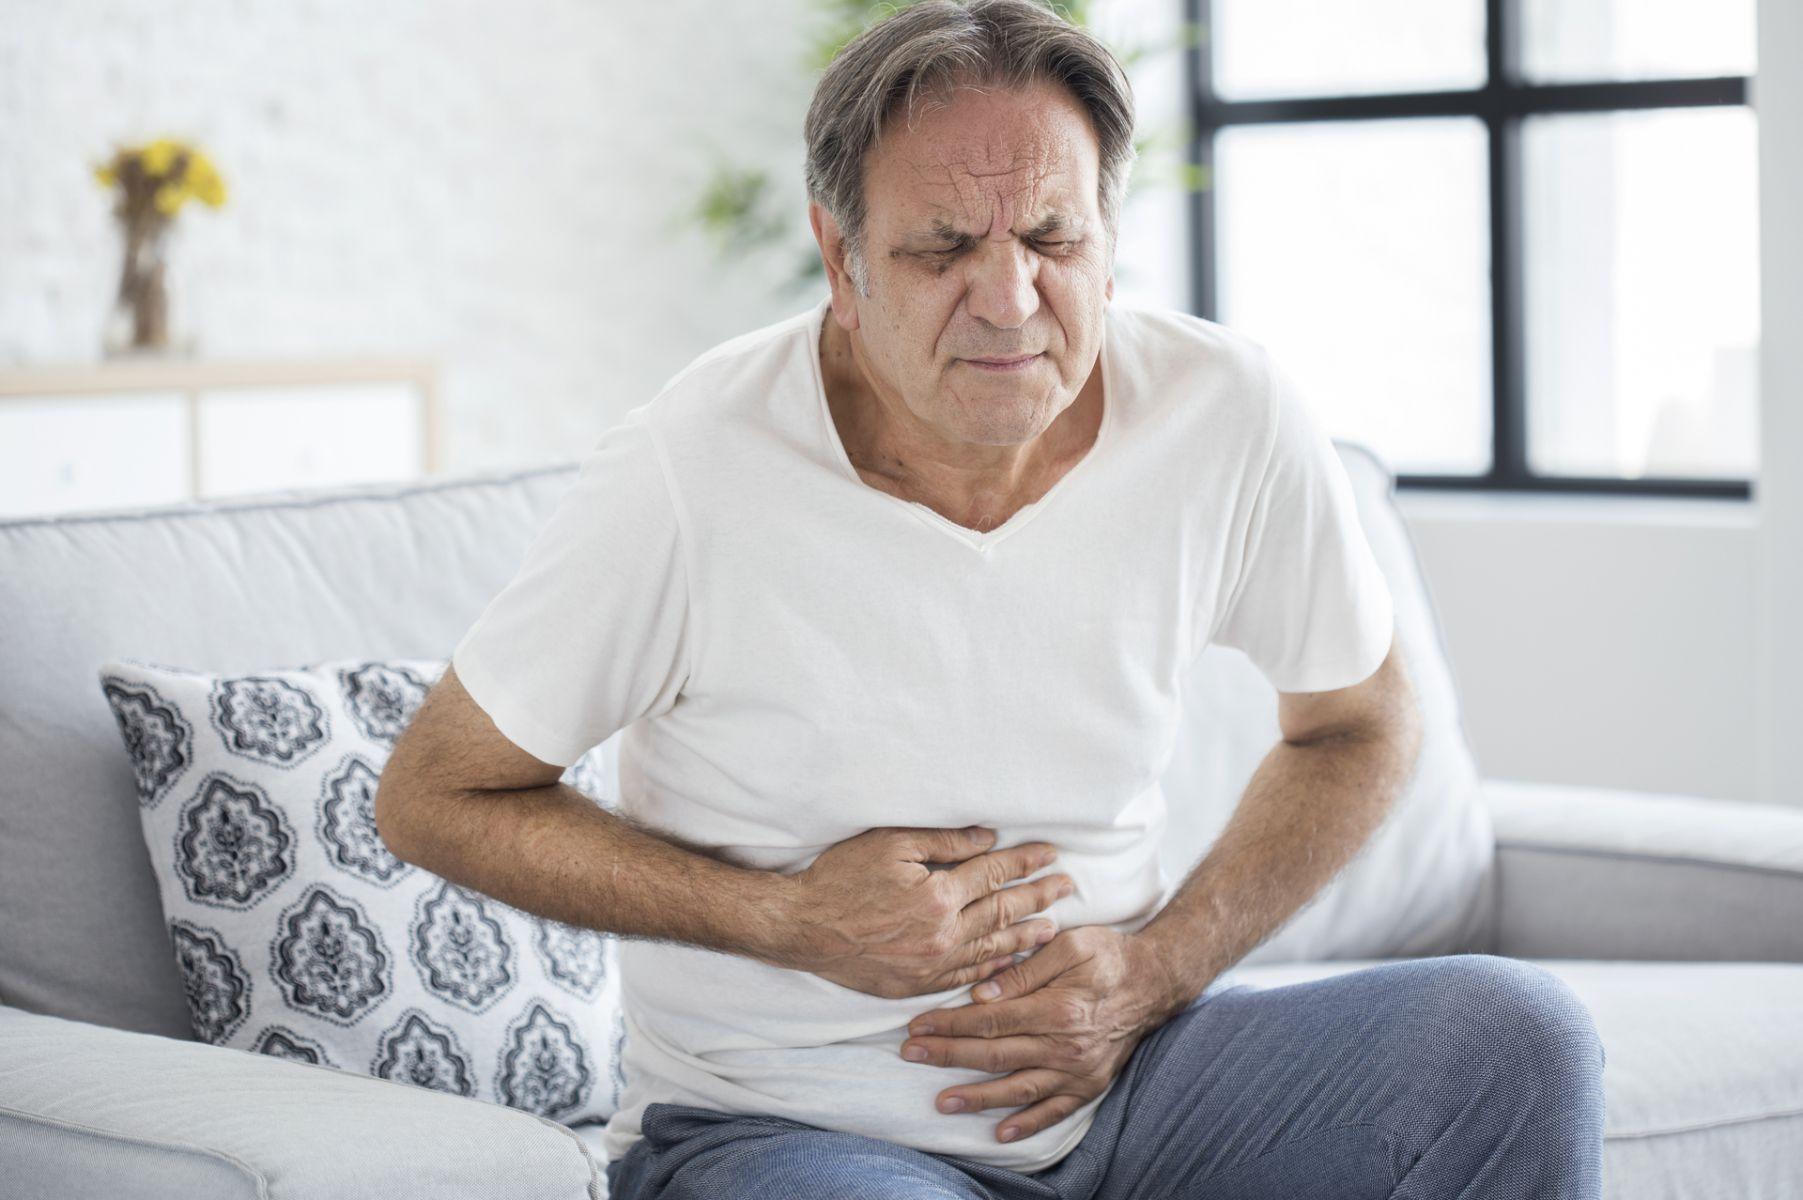 直腸癌未必動手術 術前放射化療幫患者保留肛門